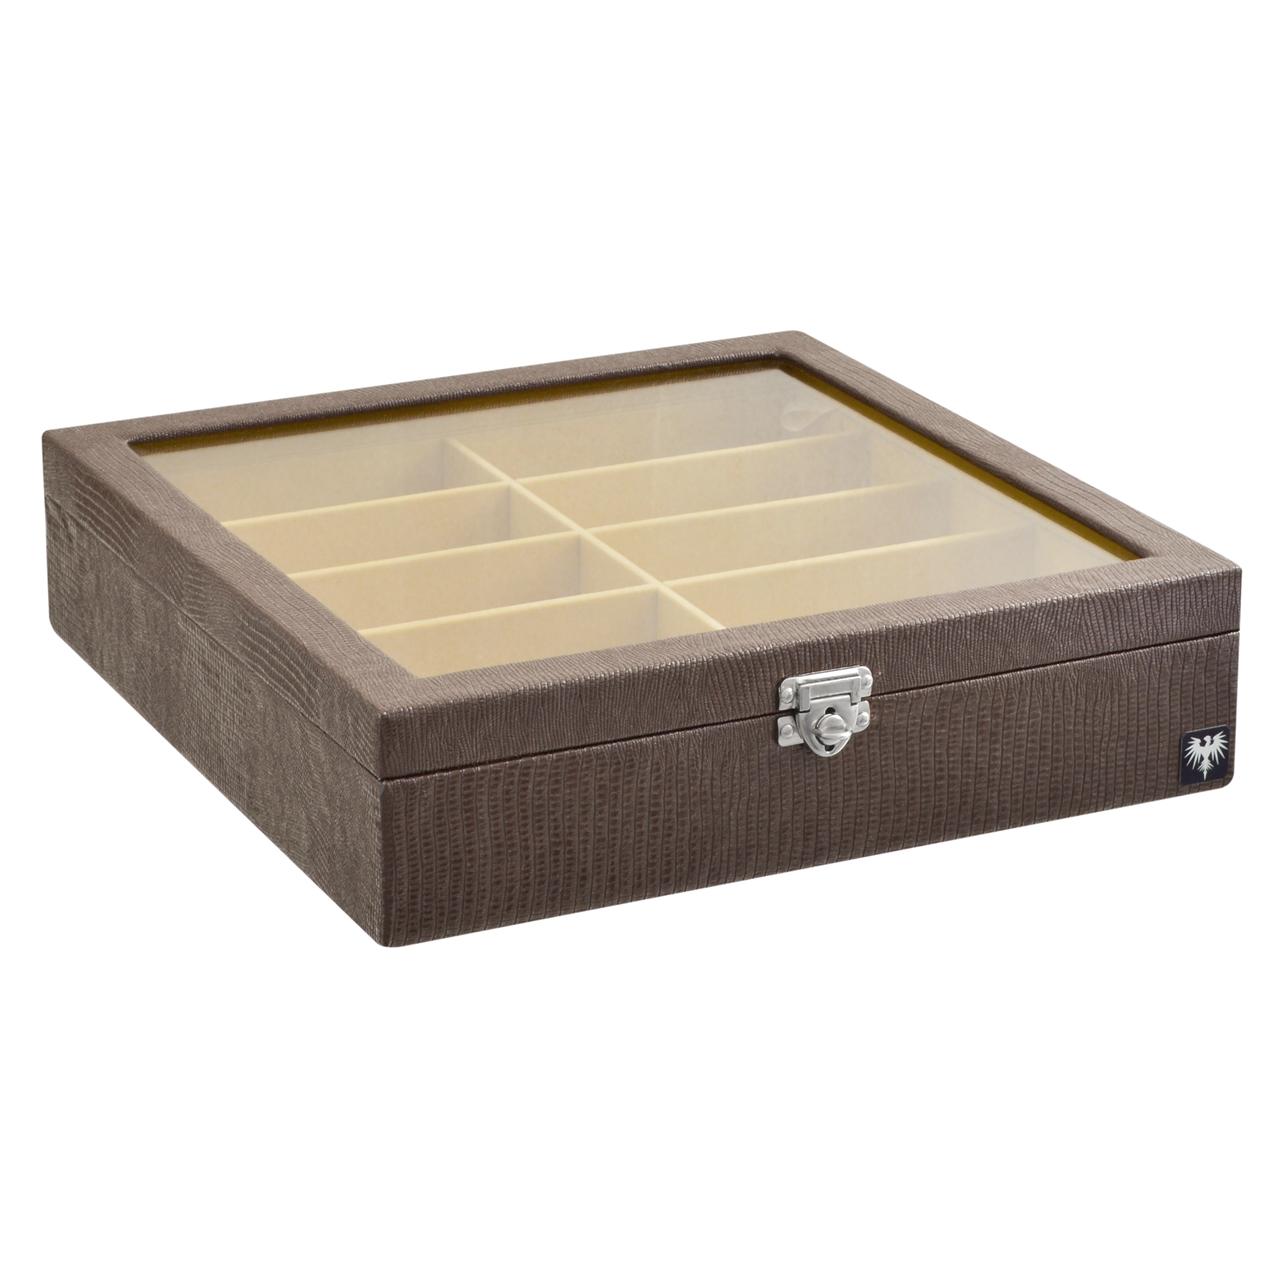 estojo-couro-ecologico-10-oculos-marrom-bege-porta-caixa-imagem-12.jpg